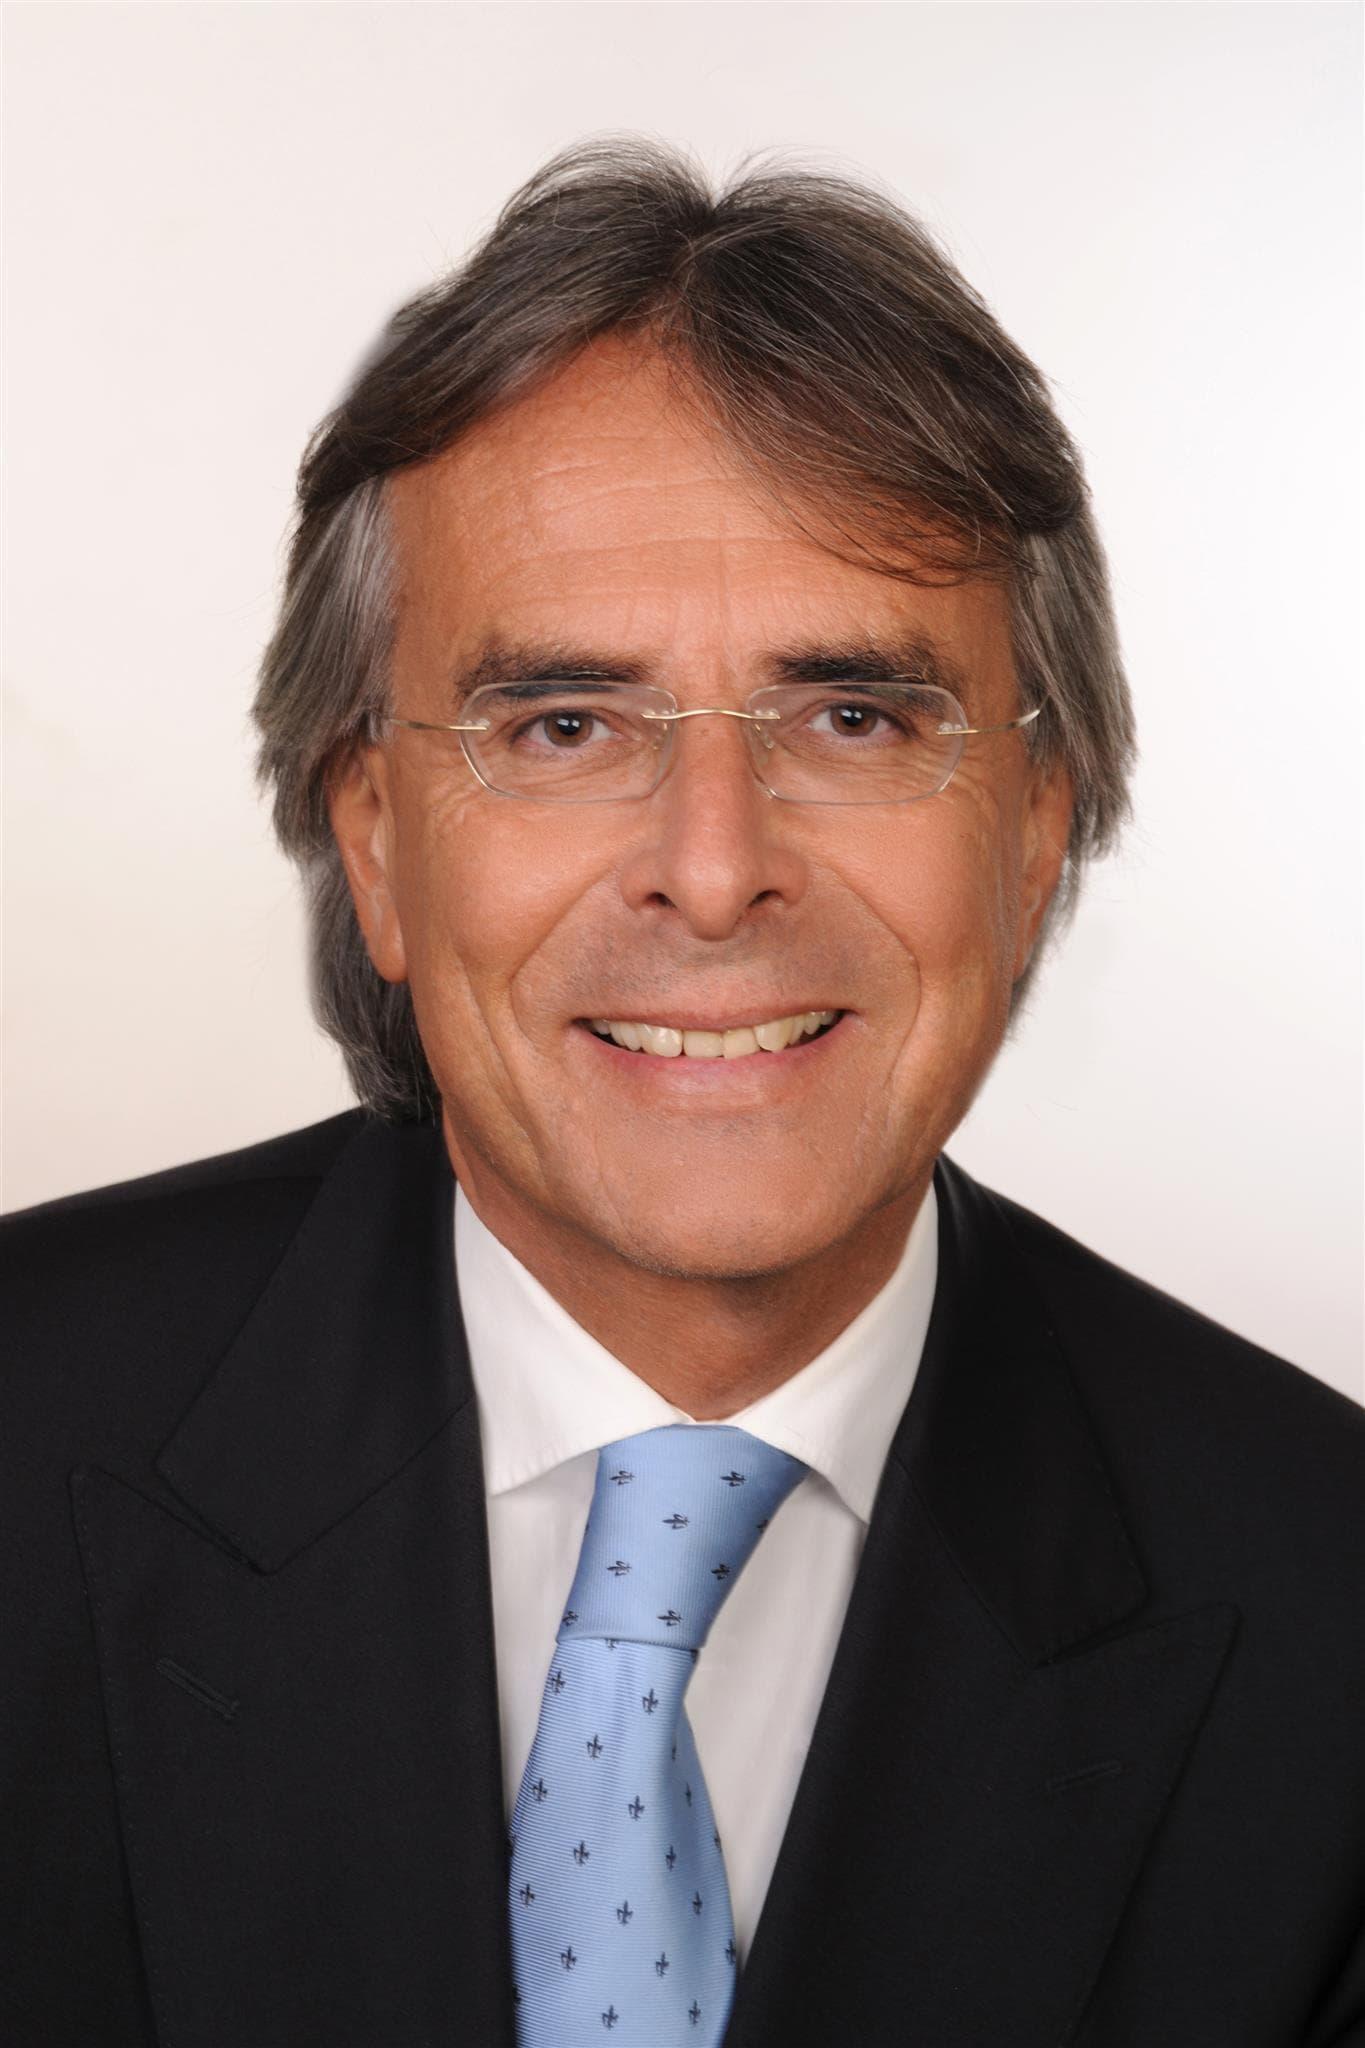 Neujahrsgruß von Axel Bartelt, Präsident der Regierung der Oberpfalz, im Blizz Regensburg Liebe Leserinnen und Leser